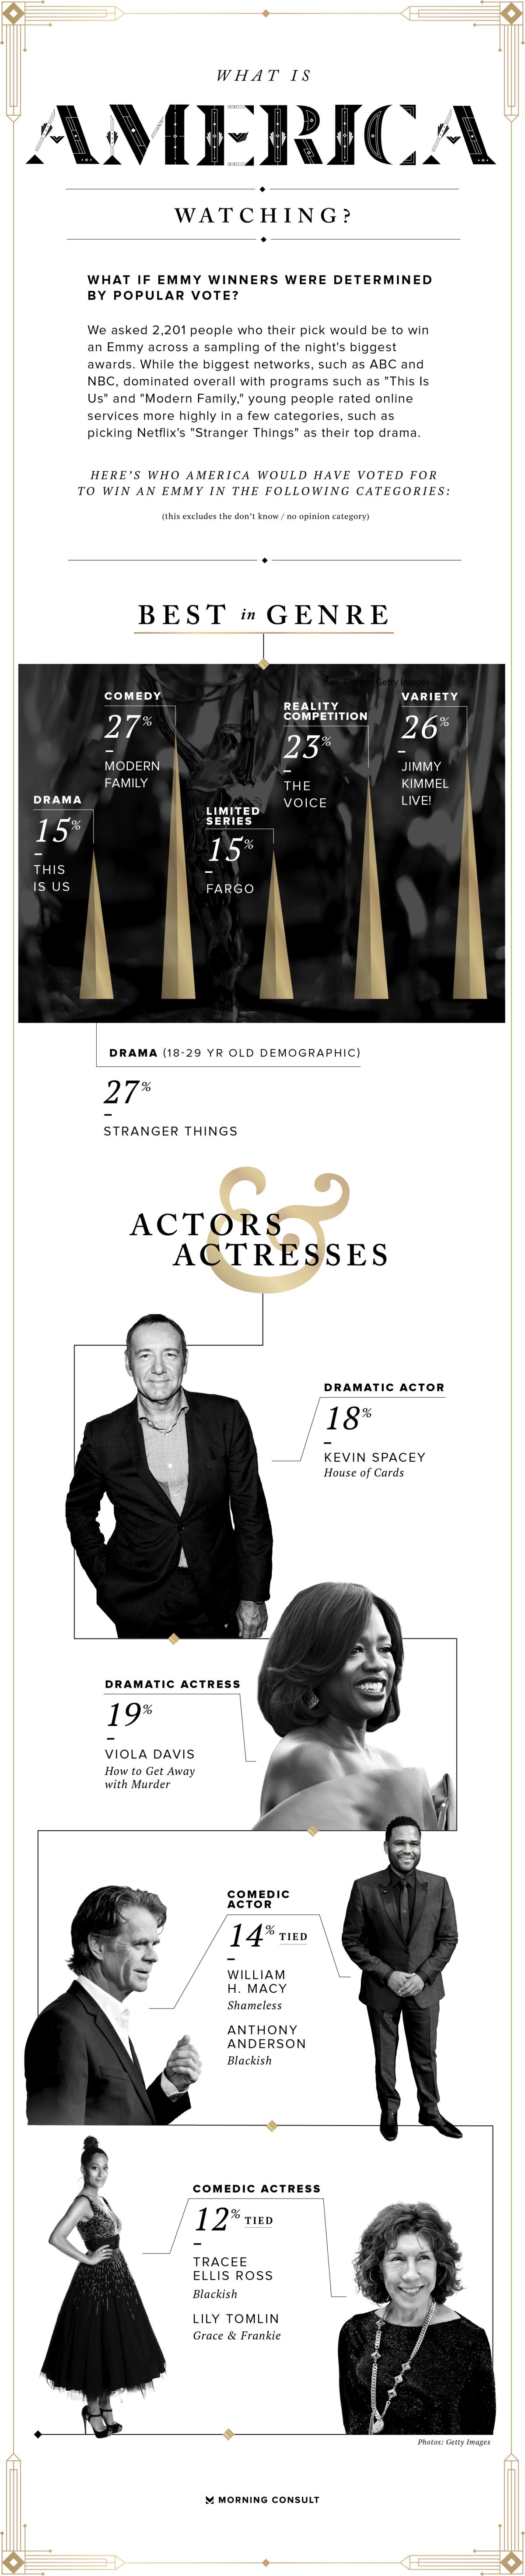 Emmys nominations popular